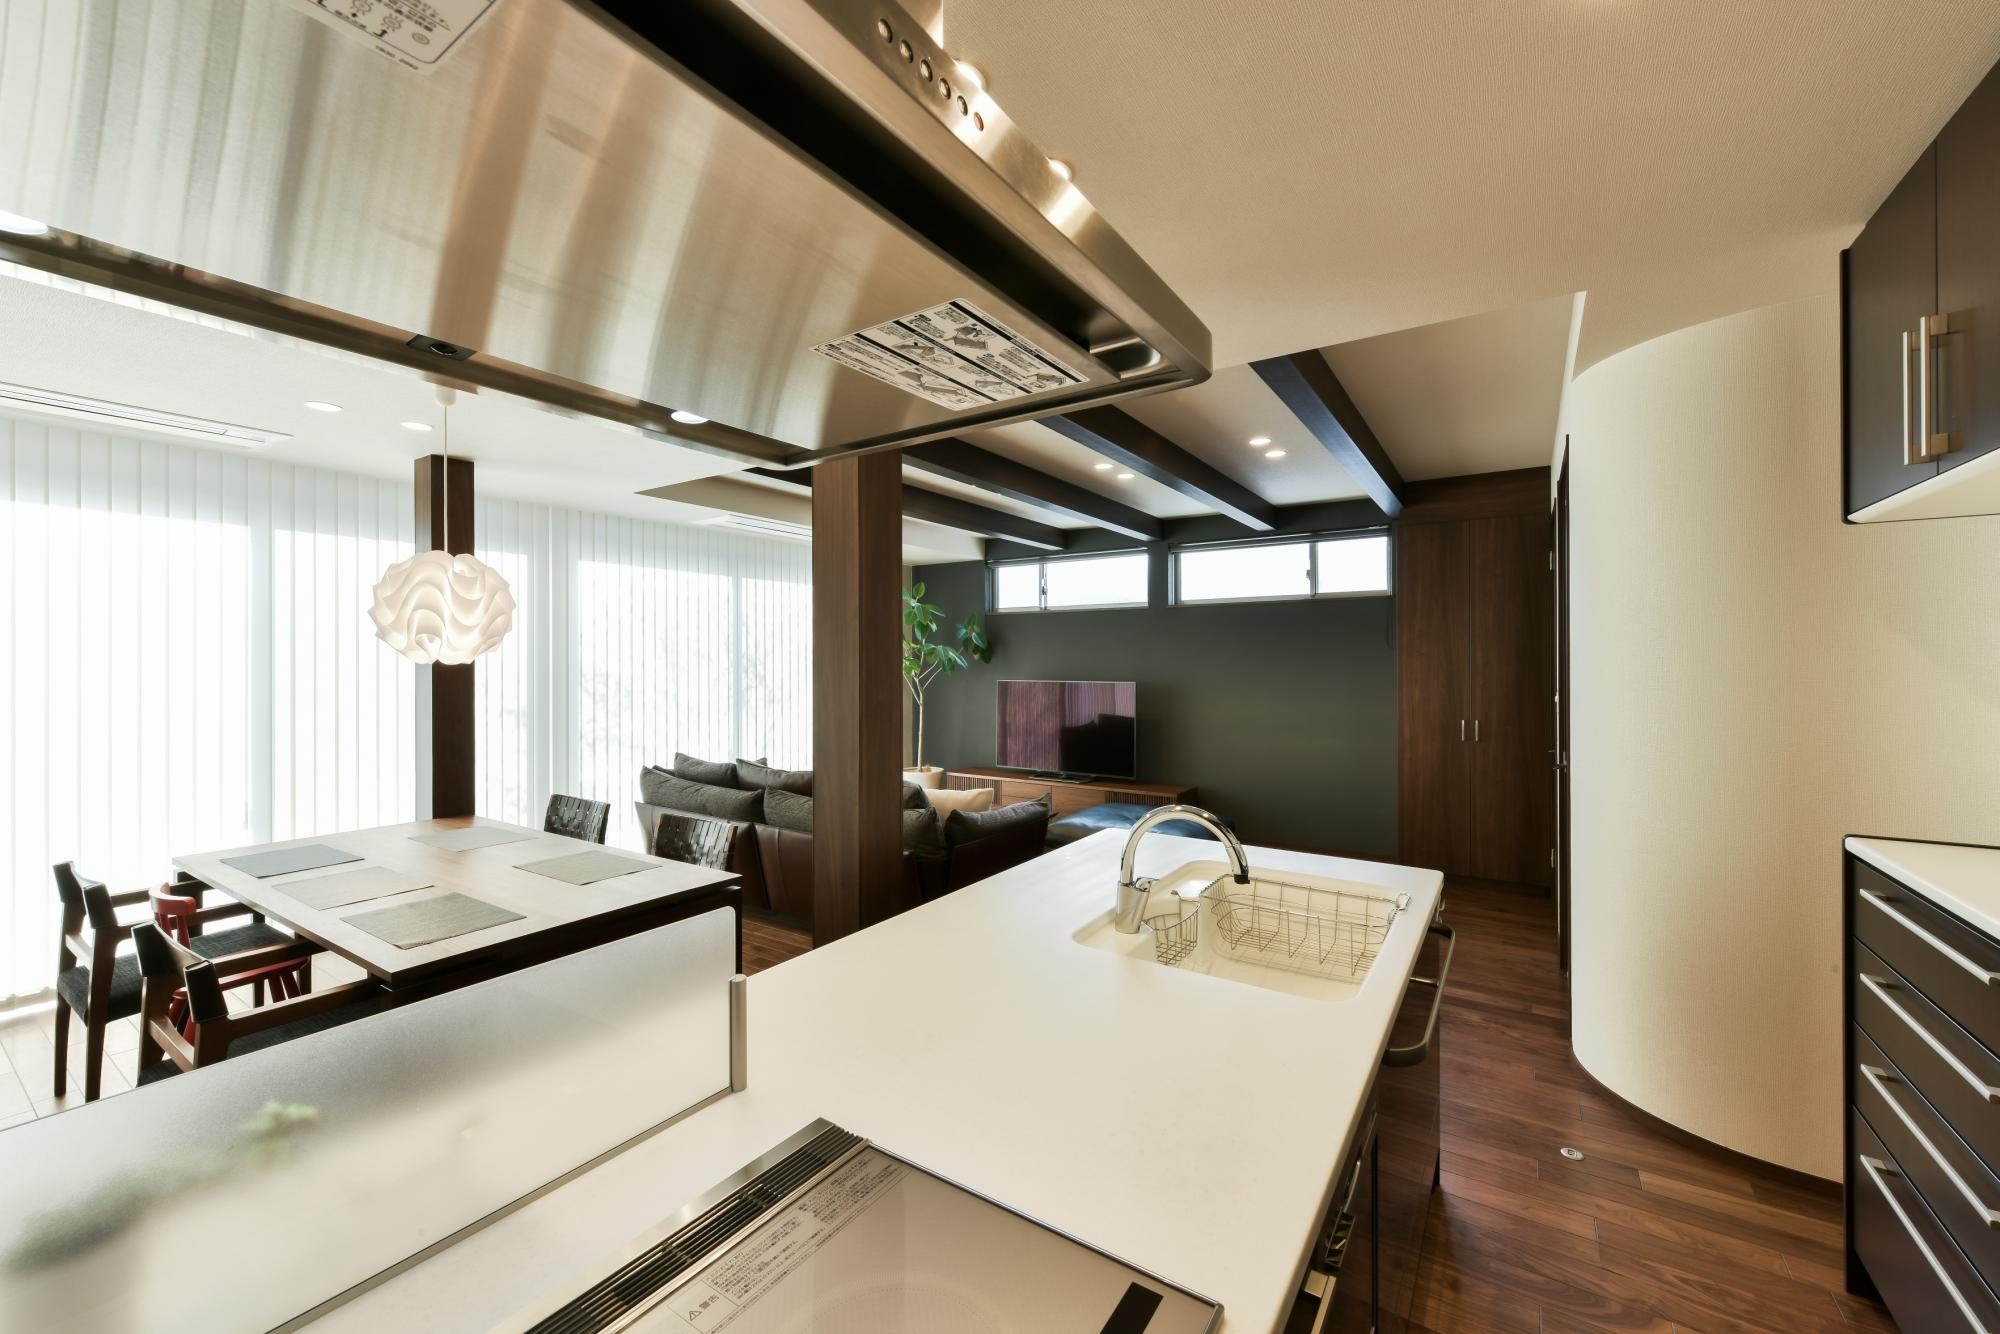 LDを見渡せる対面式キッチンの背面には、家電などが置けるカウンター付きの食器棚を設置。右奥アールの壁はLDのアクセントとした。